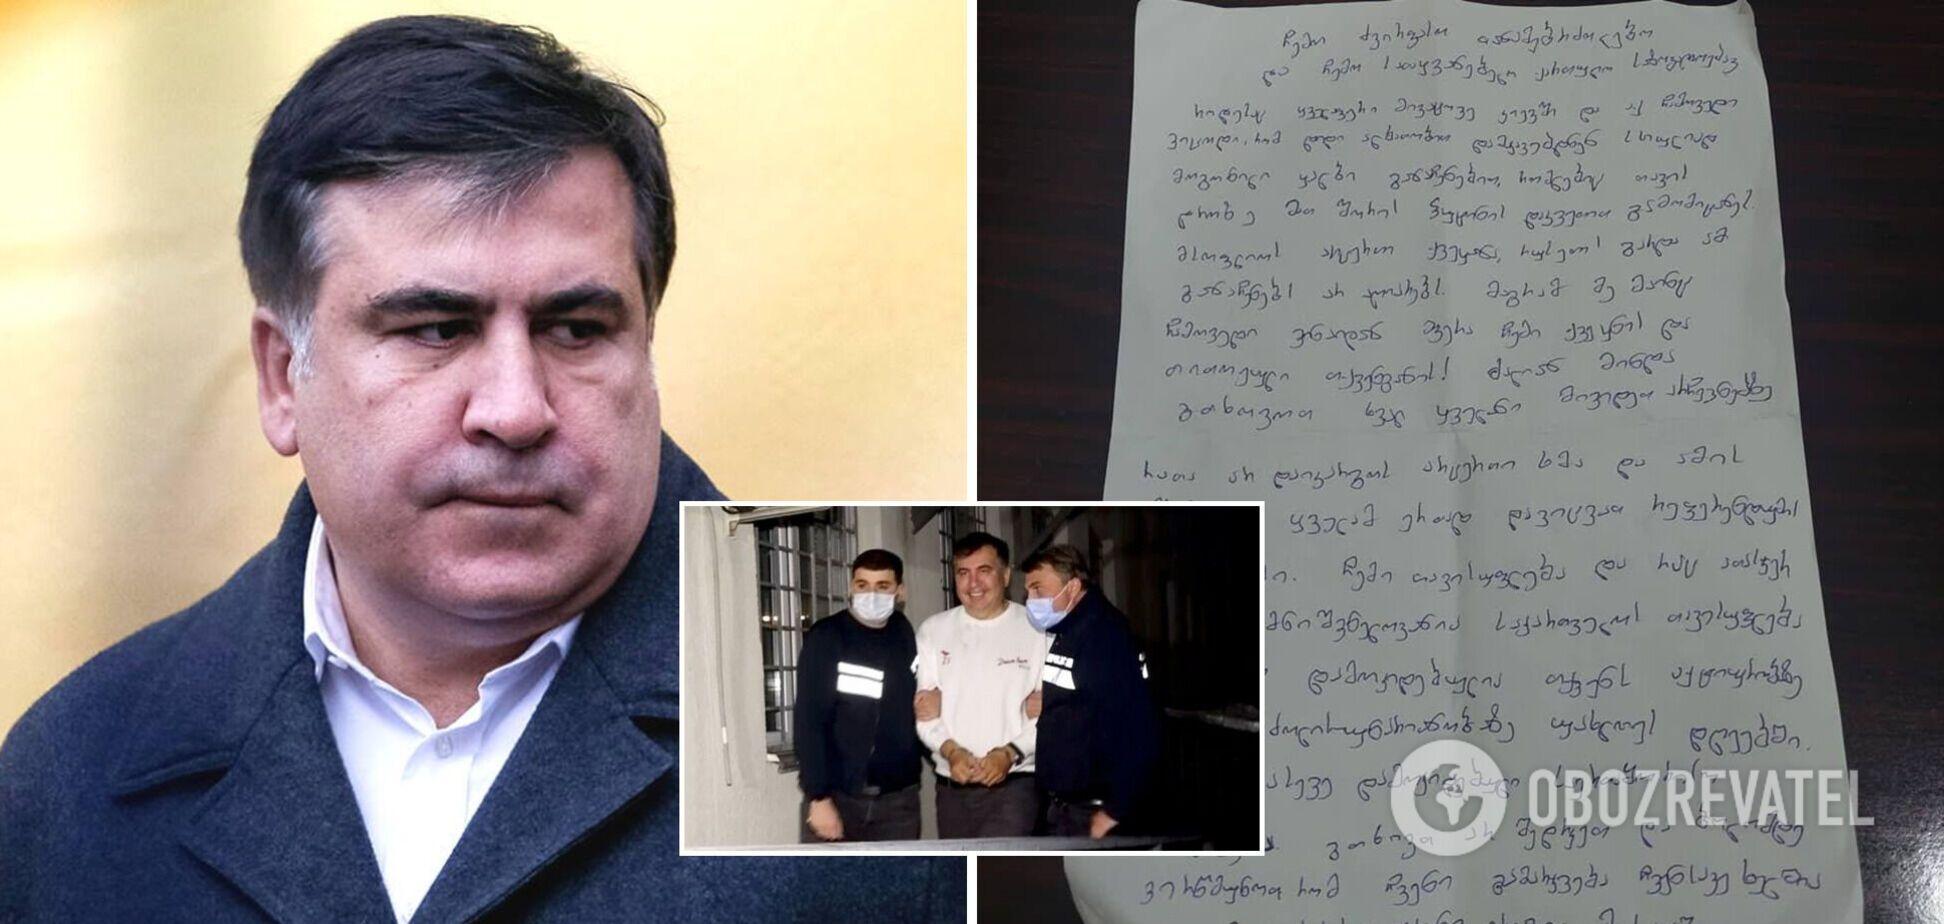 Письмо из тюрьмы и контроль от Зеленского: что известно об аресте Саакашвили в Грузии